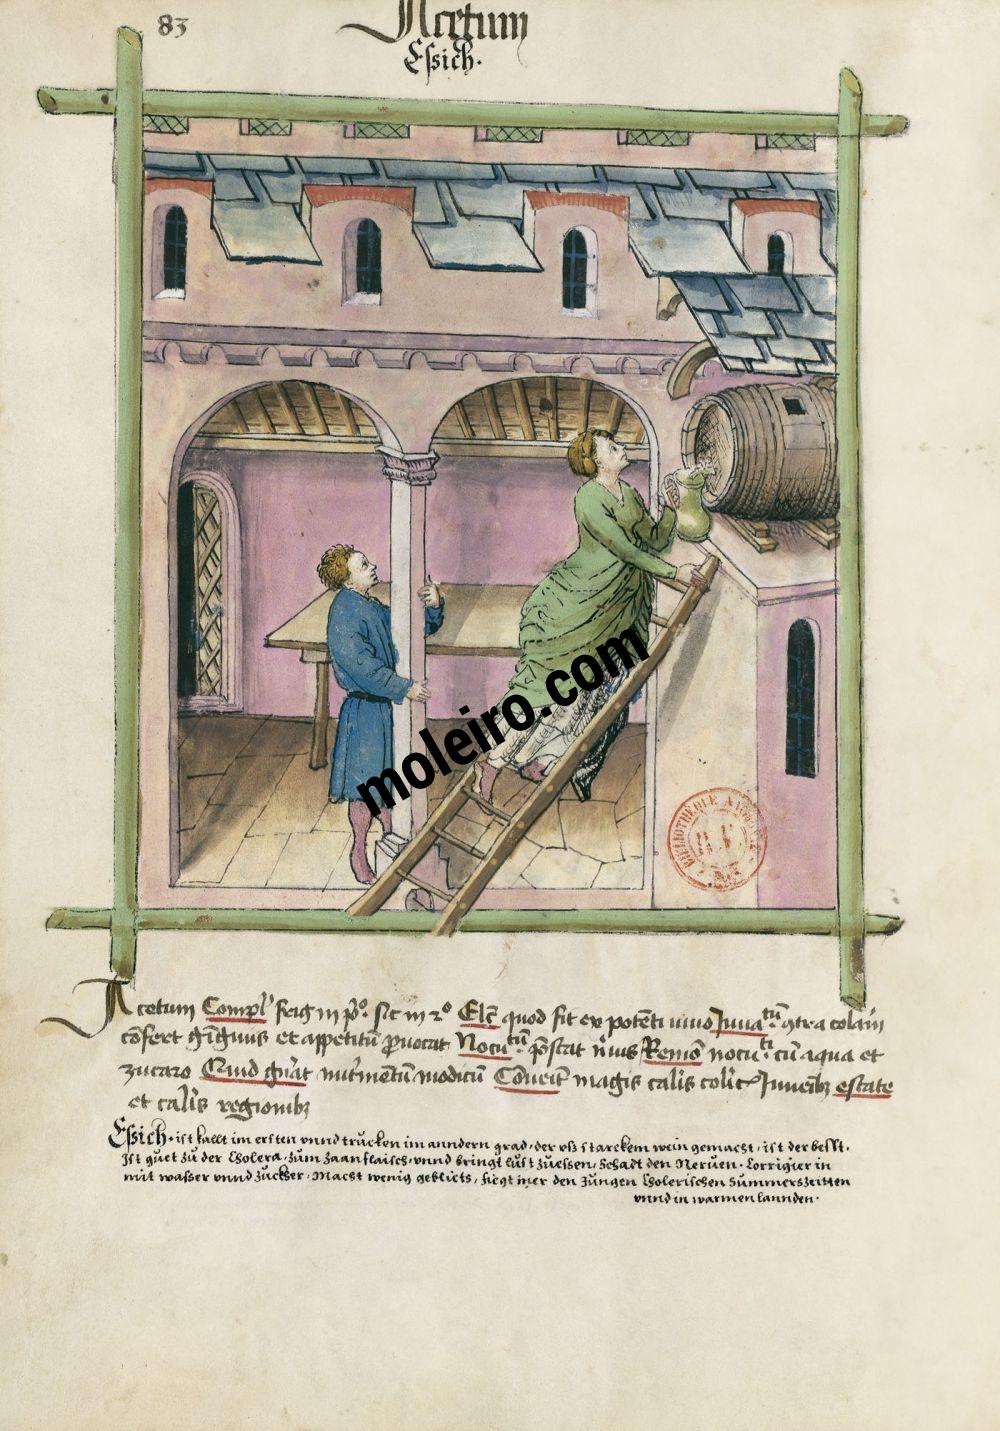 Tacuinum Sanitatis f. 83v, Essig